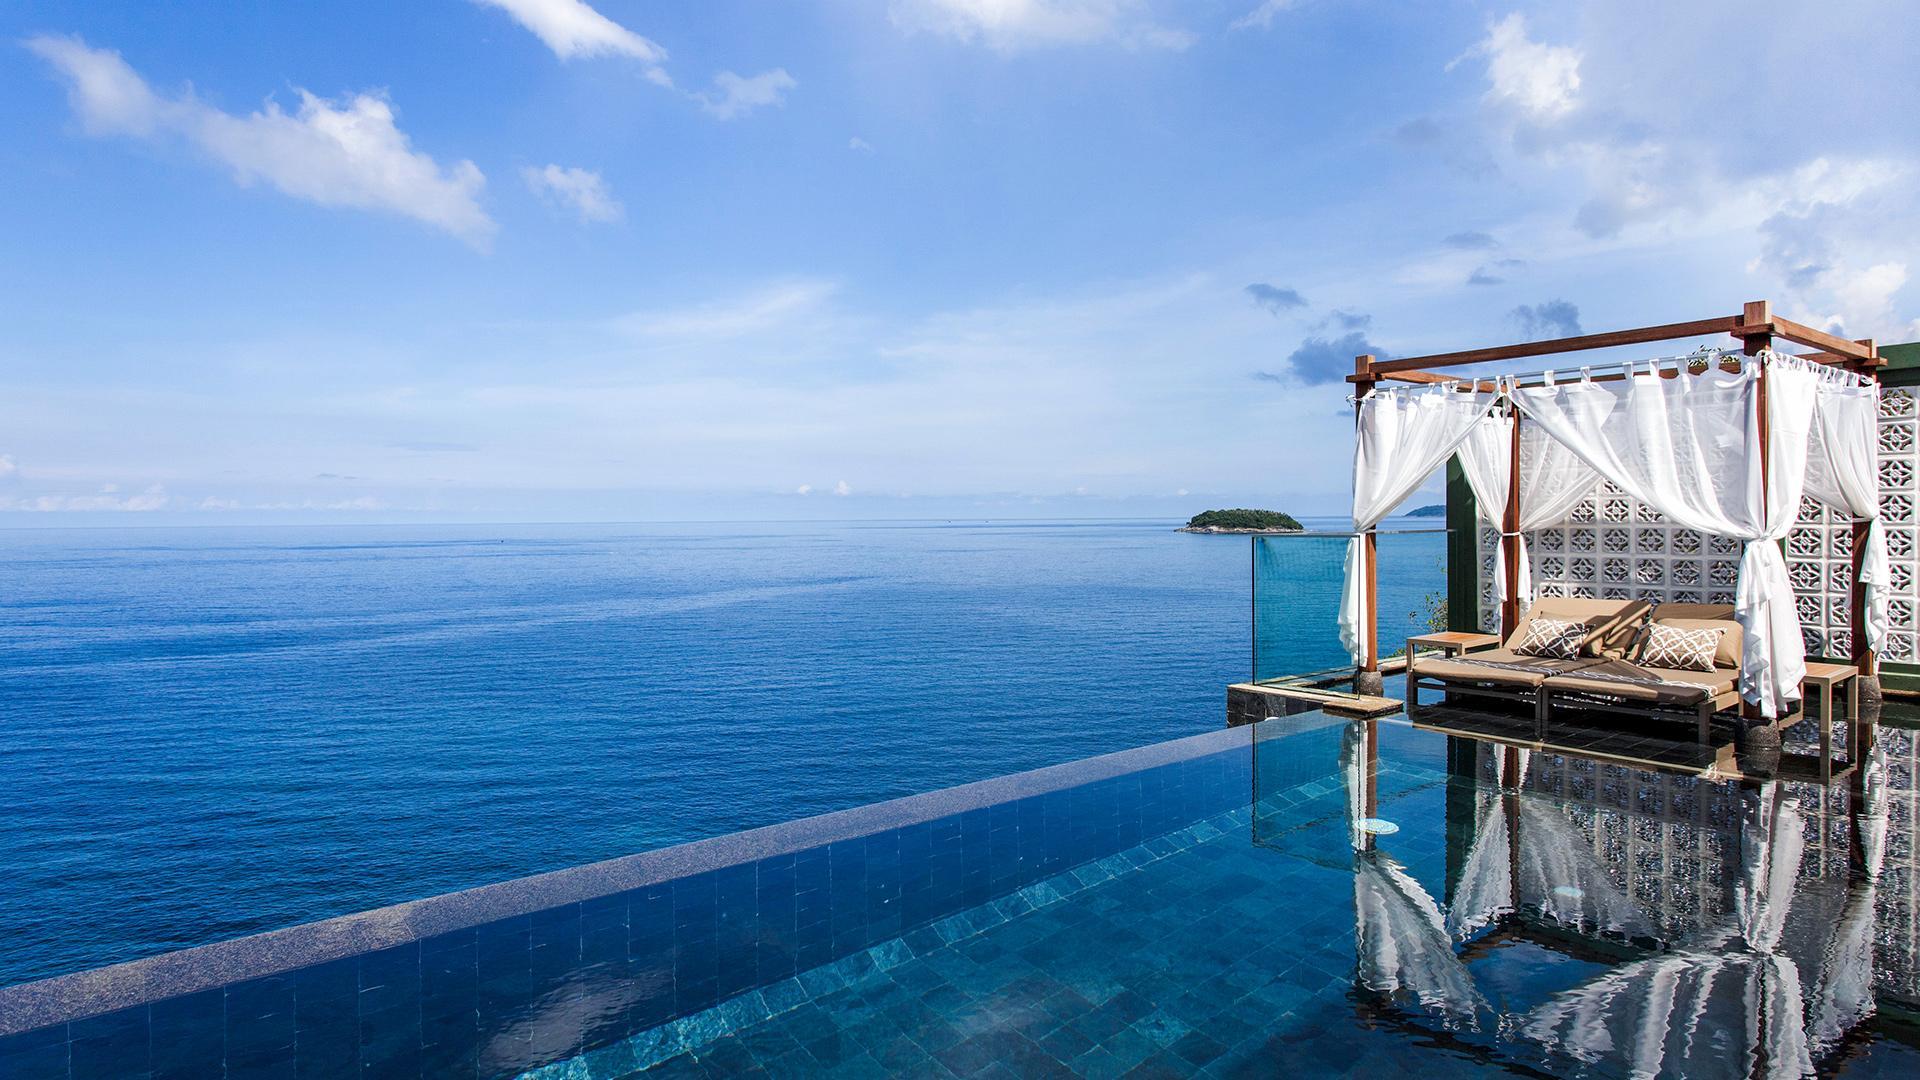 Seaview Pool Villa Inlove image 1 at The Shore at Katathani by Amphoe Mueang Phuket, Chang Wat Phuket, Thailand